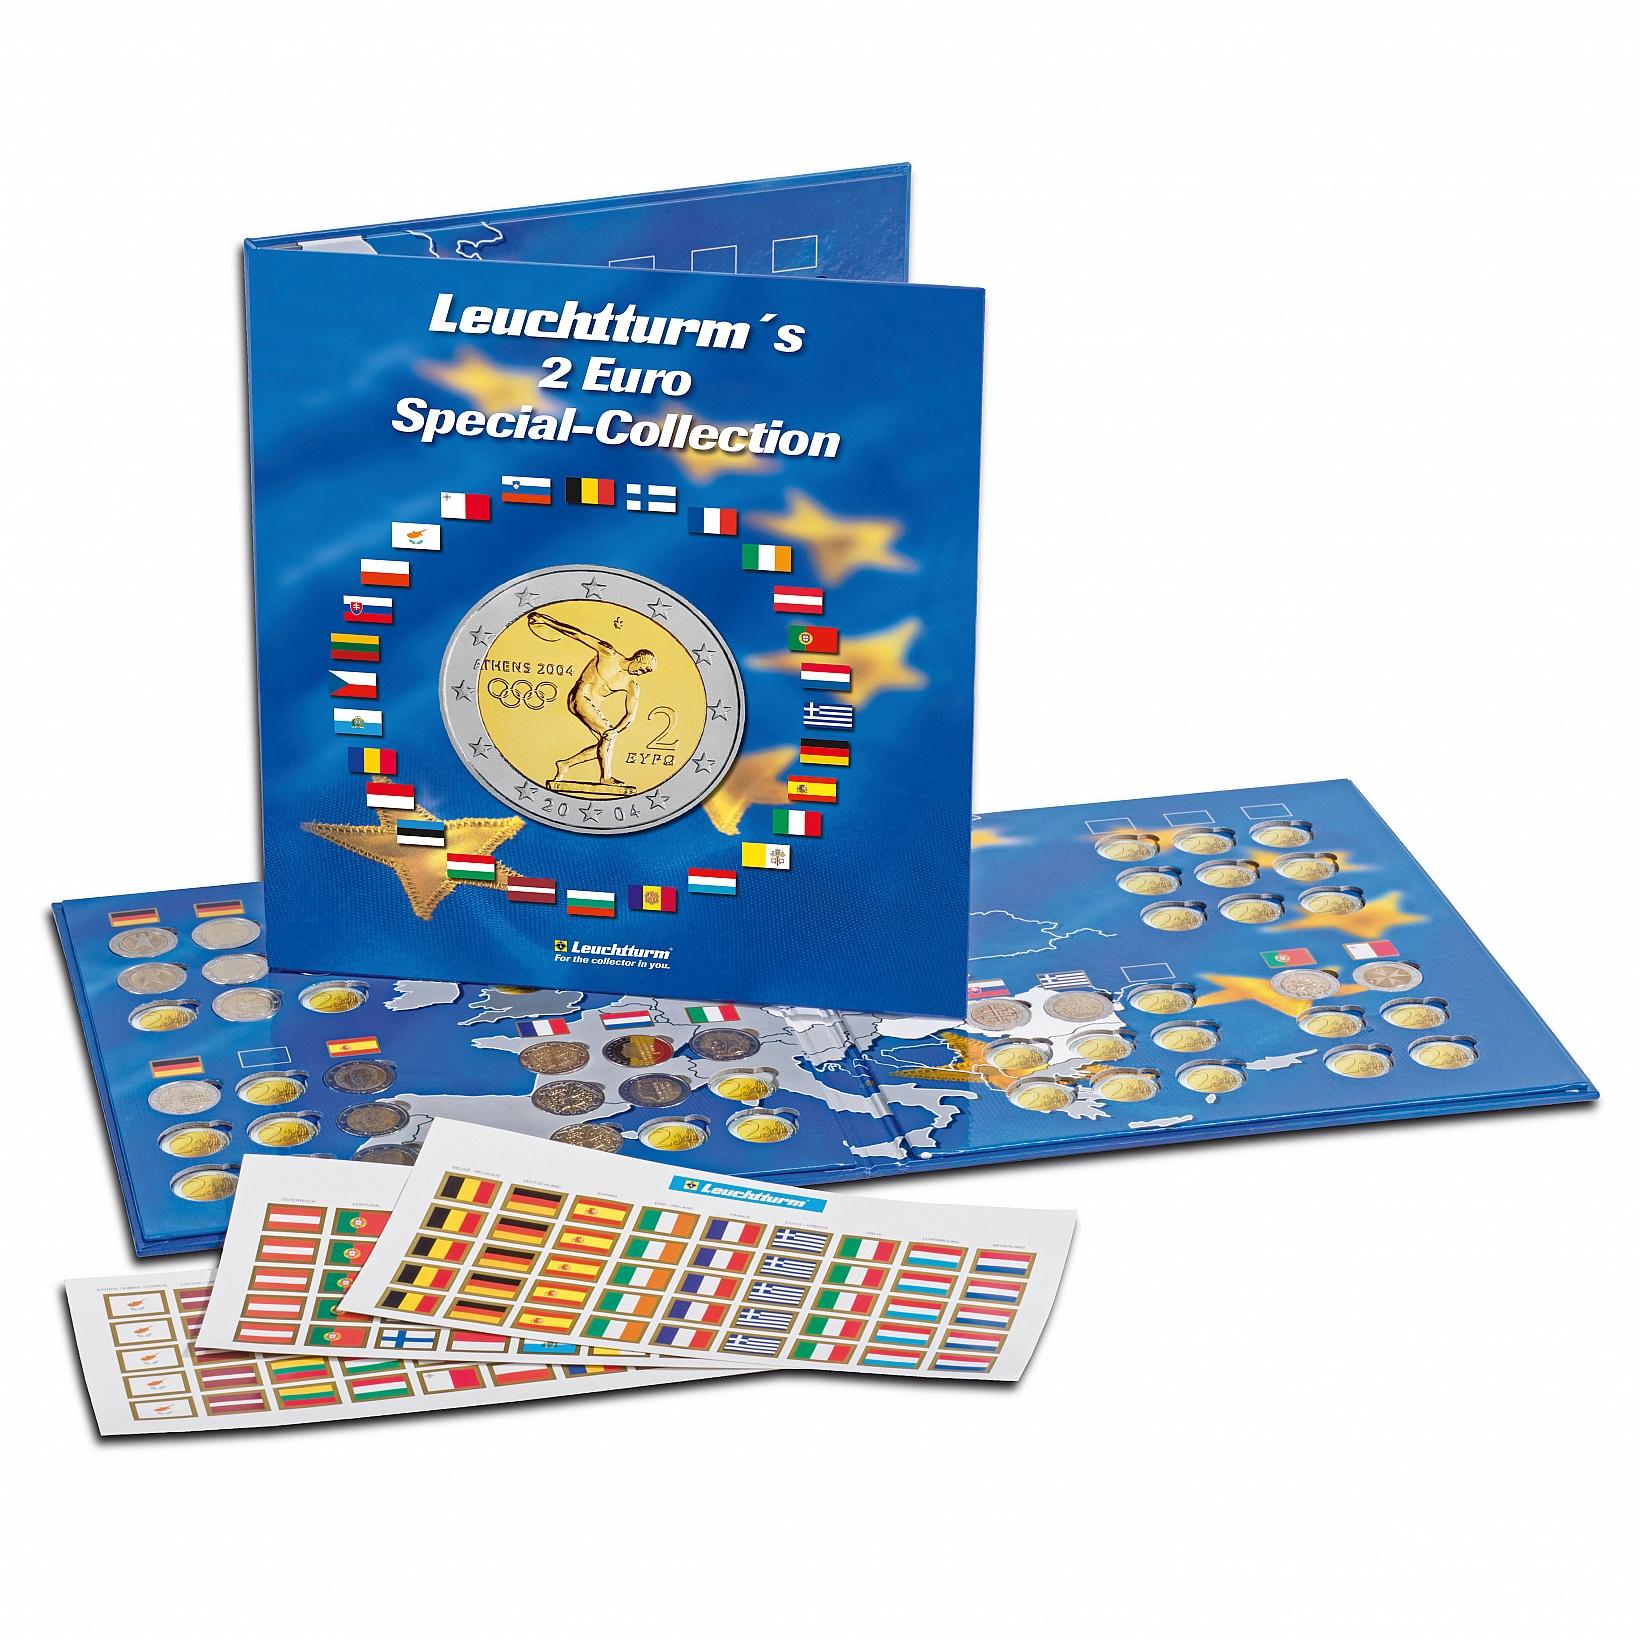 coin-album-presso-euro-collection-for-2-euro-coins